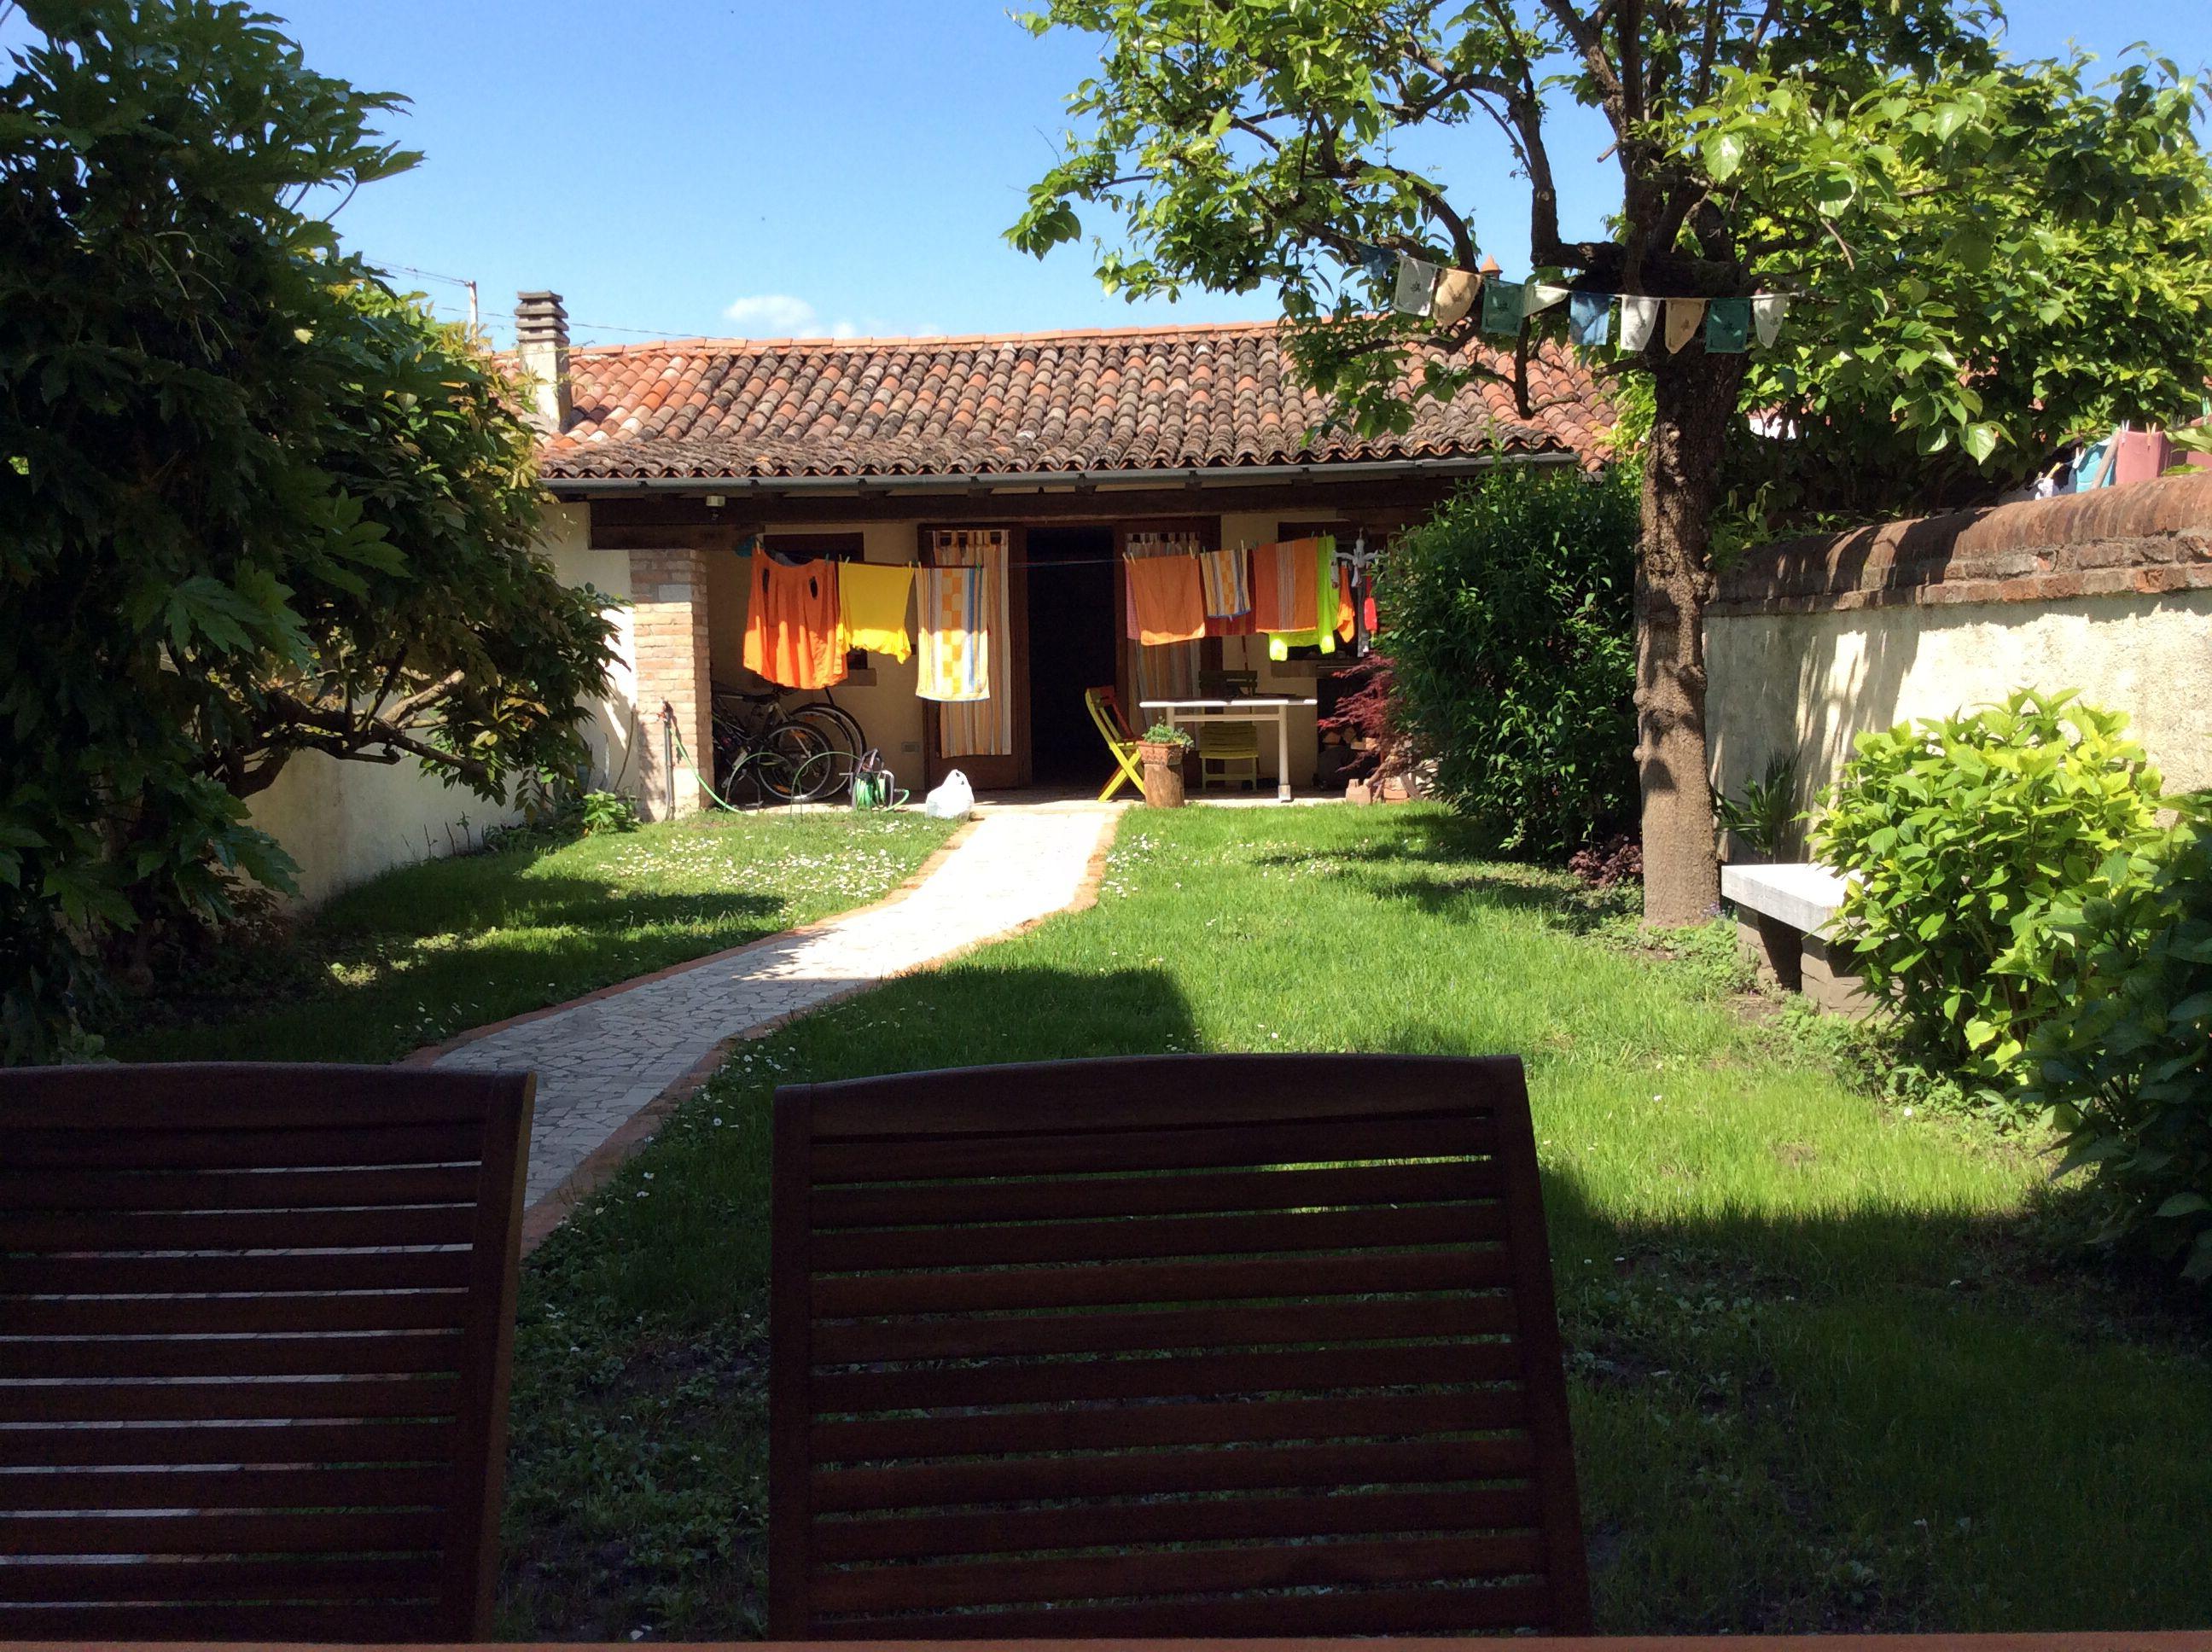 piccolo giardino di casa veneta del 1600 | small garden ... - Piccolo Giardino In Casa